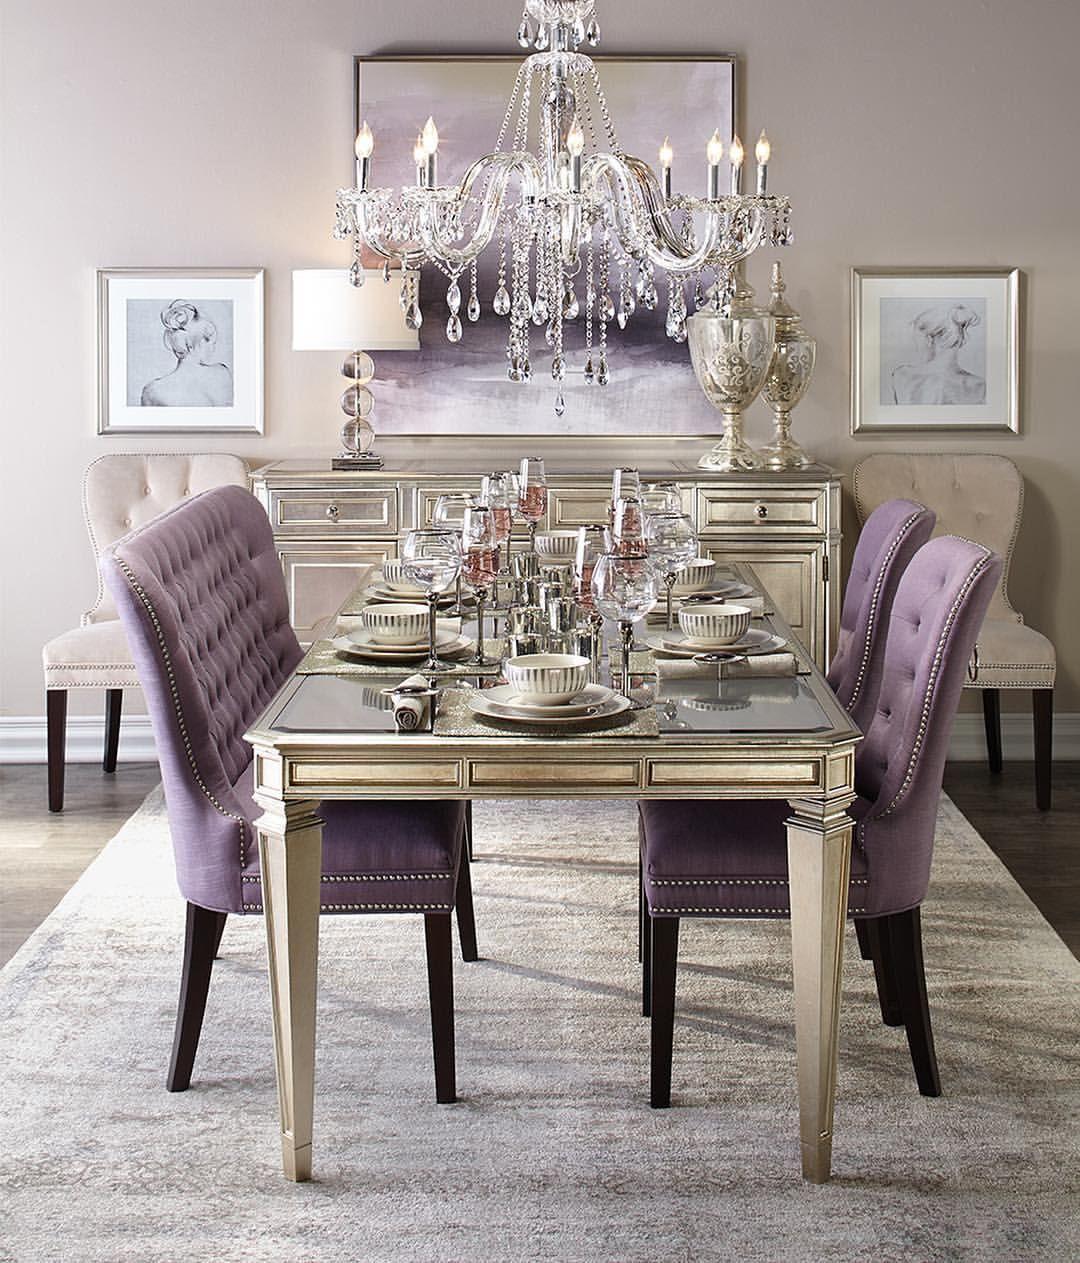 Consulta Esta Foto De Instagram De Zdesignathome 2 432 Me Gusta Purple Dining Room Elegant Dining Room Dining Room Design